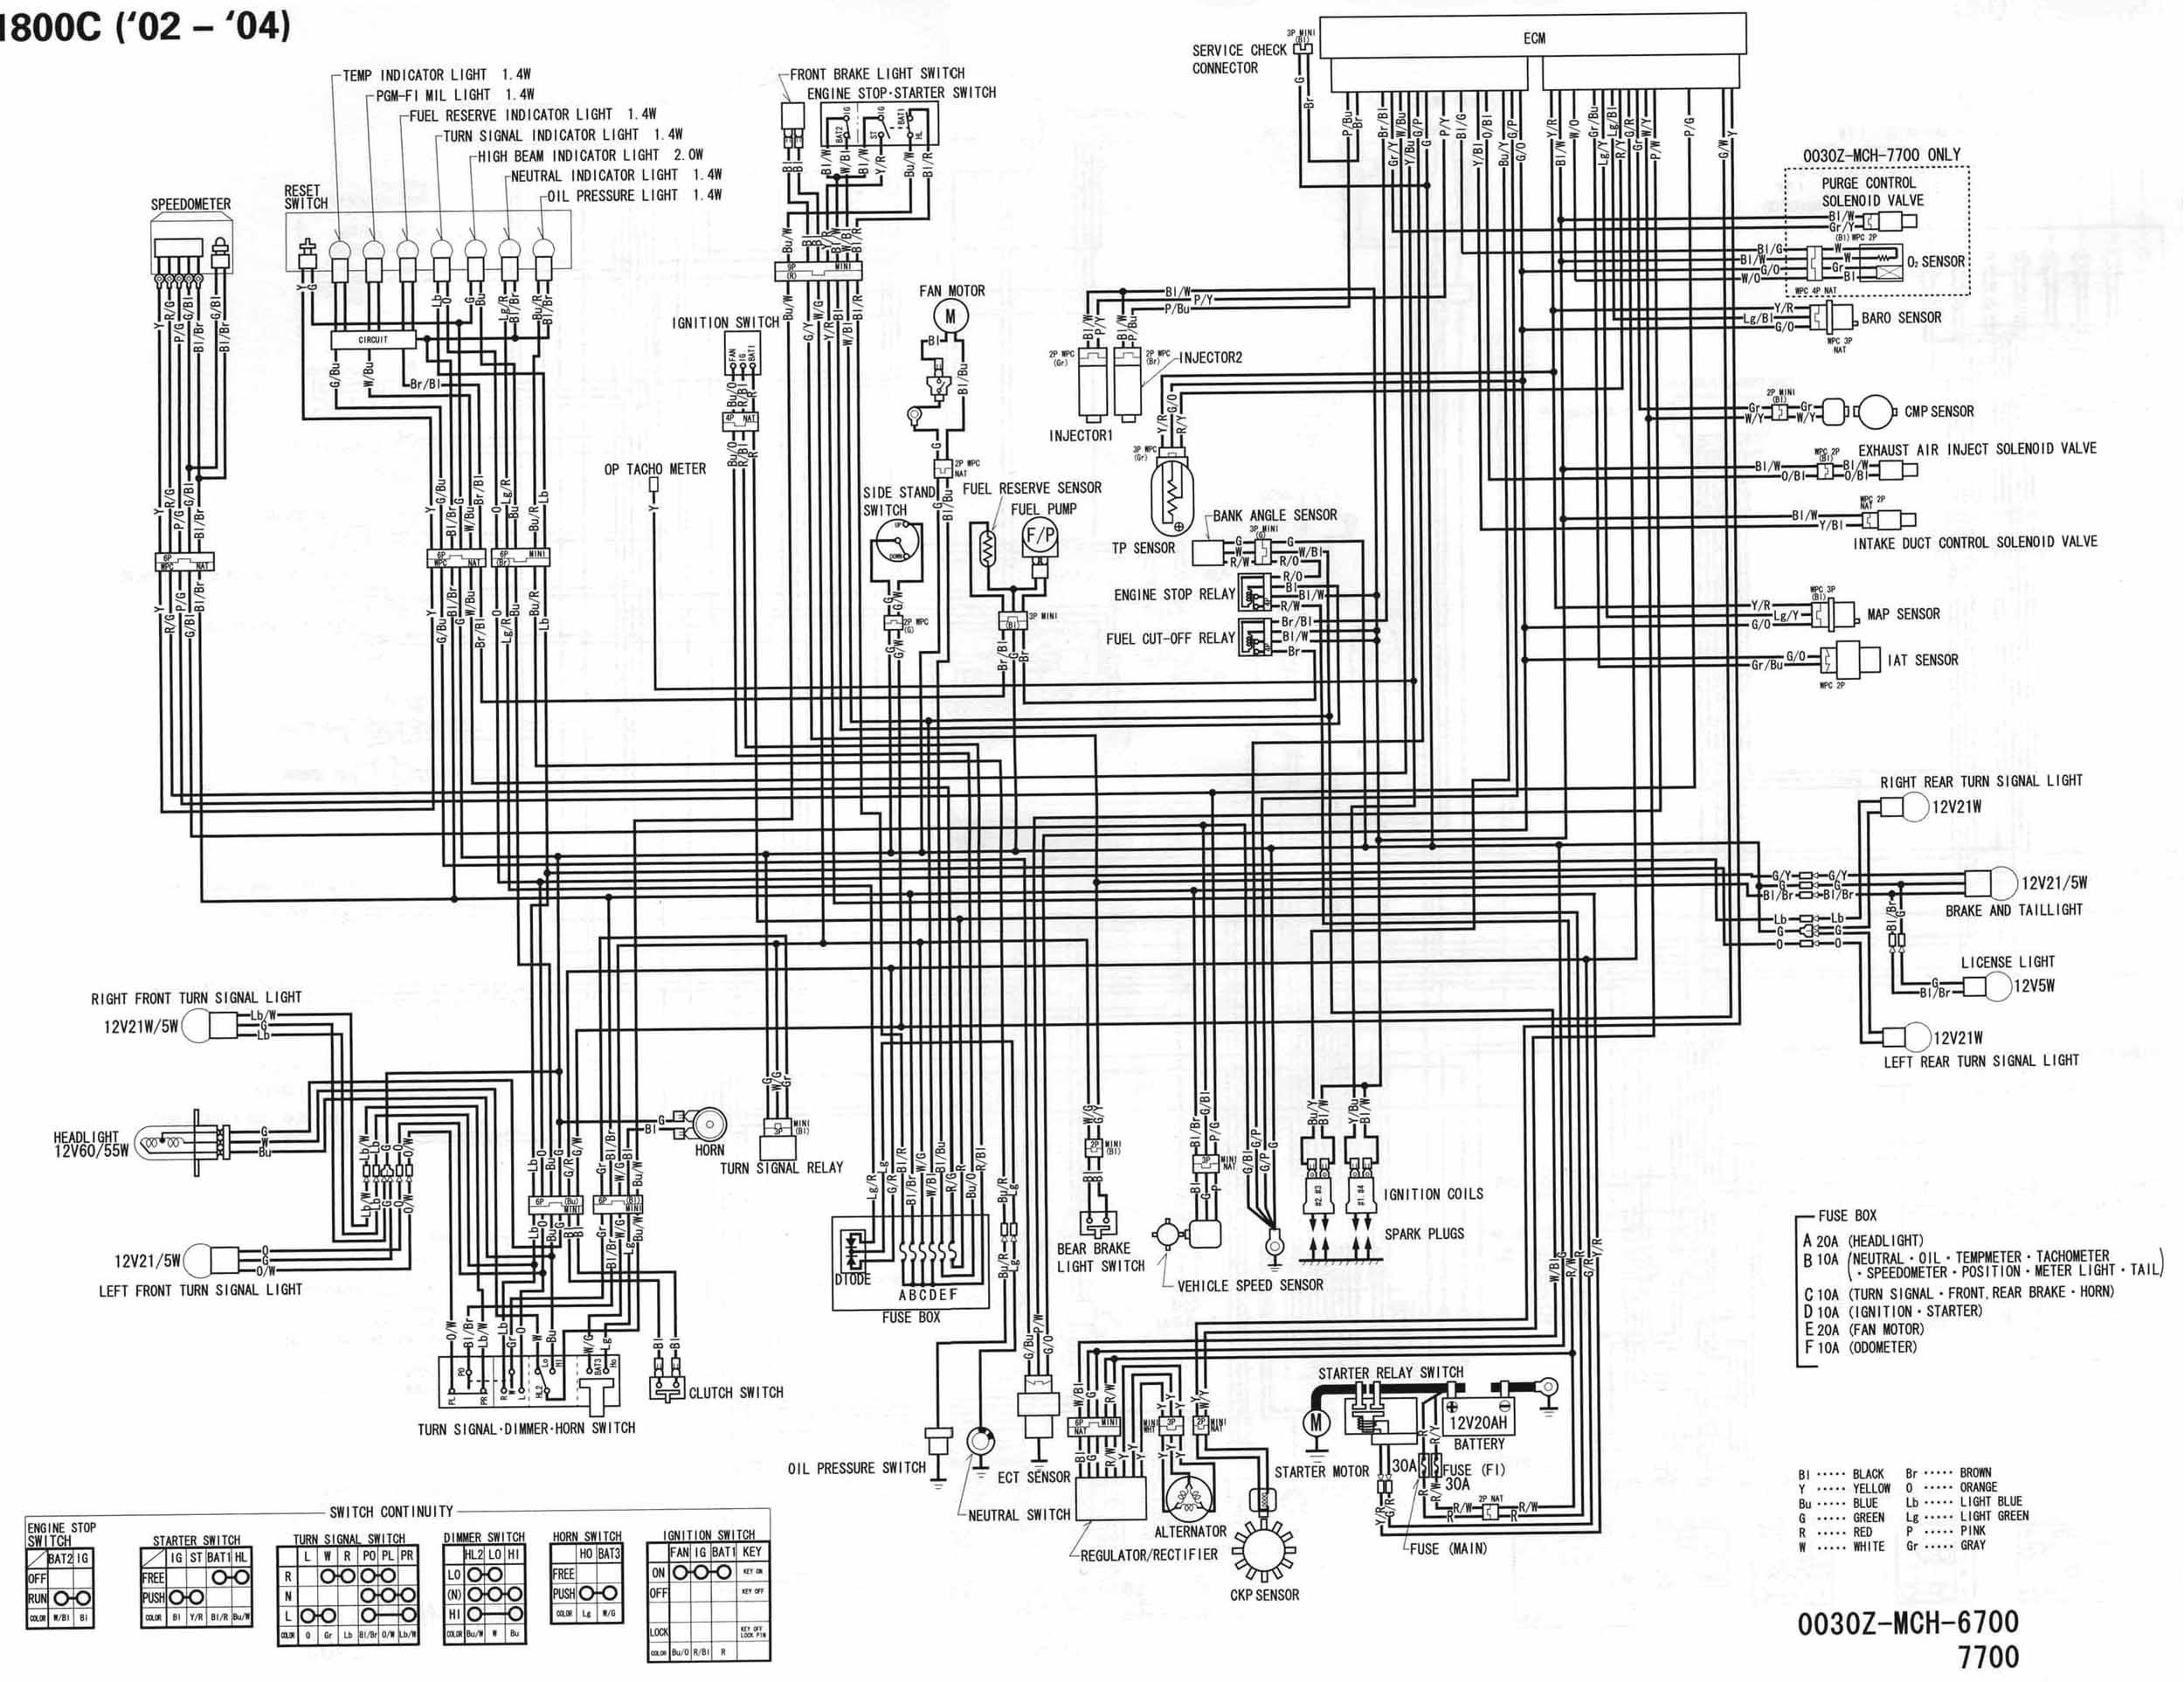 Erfreut Yamaha 703 Fernbedienung Schaltplan Galerie - Elektrische ...